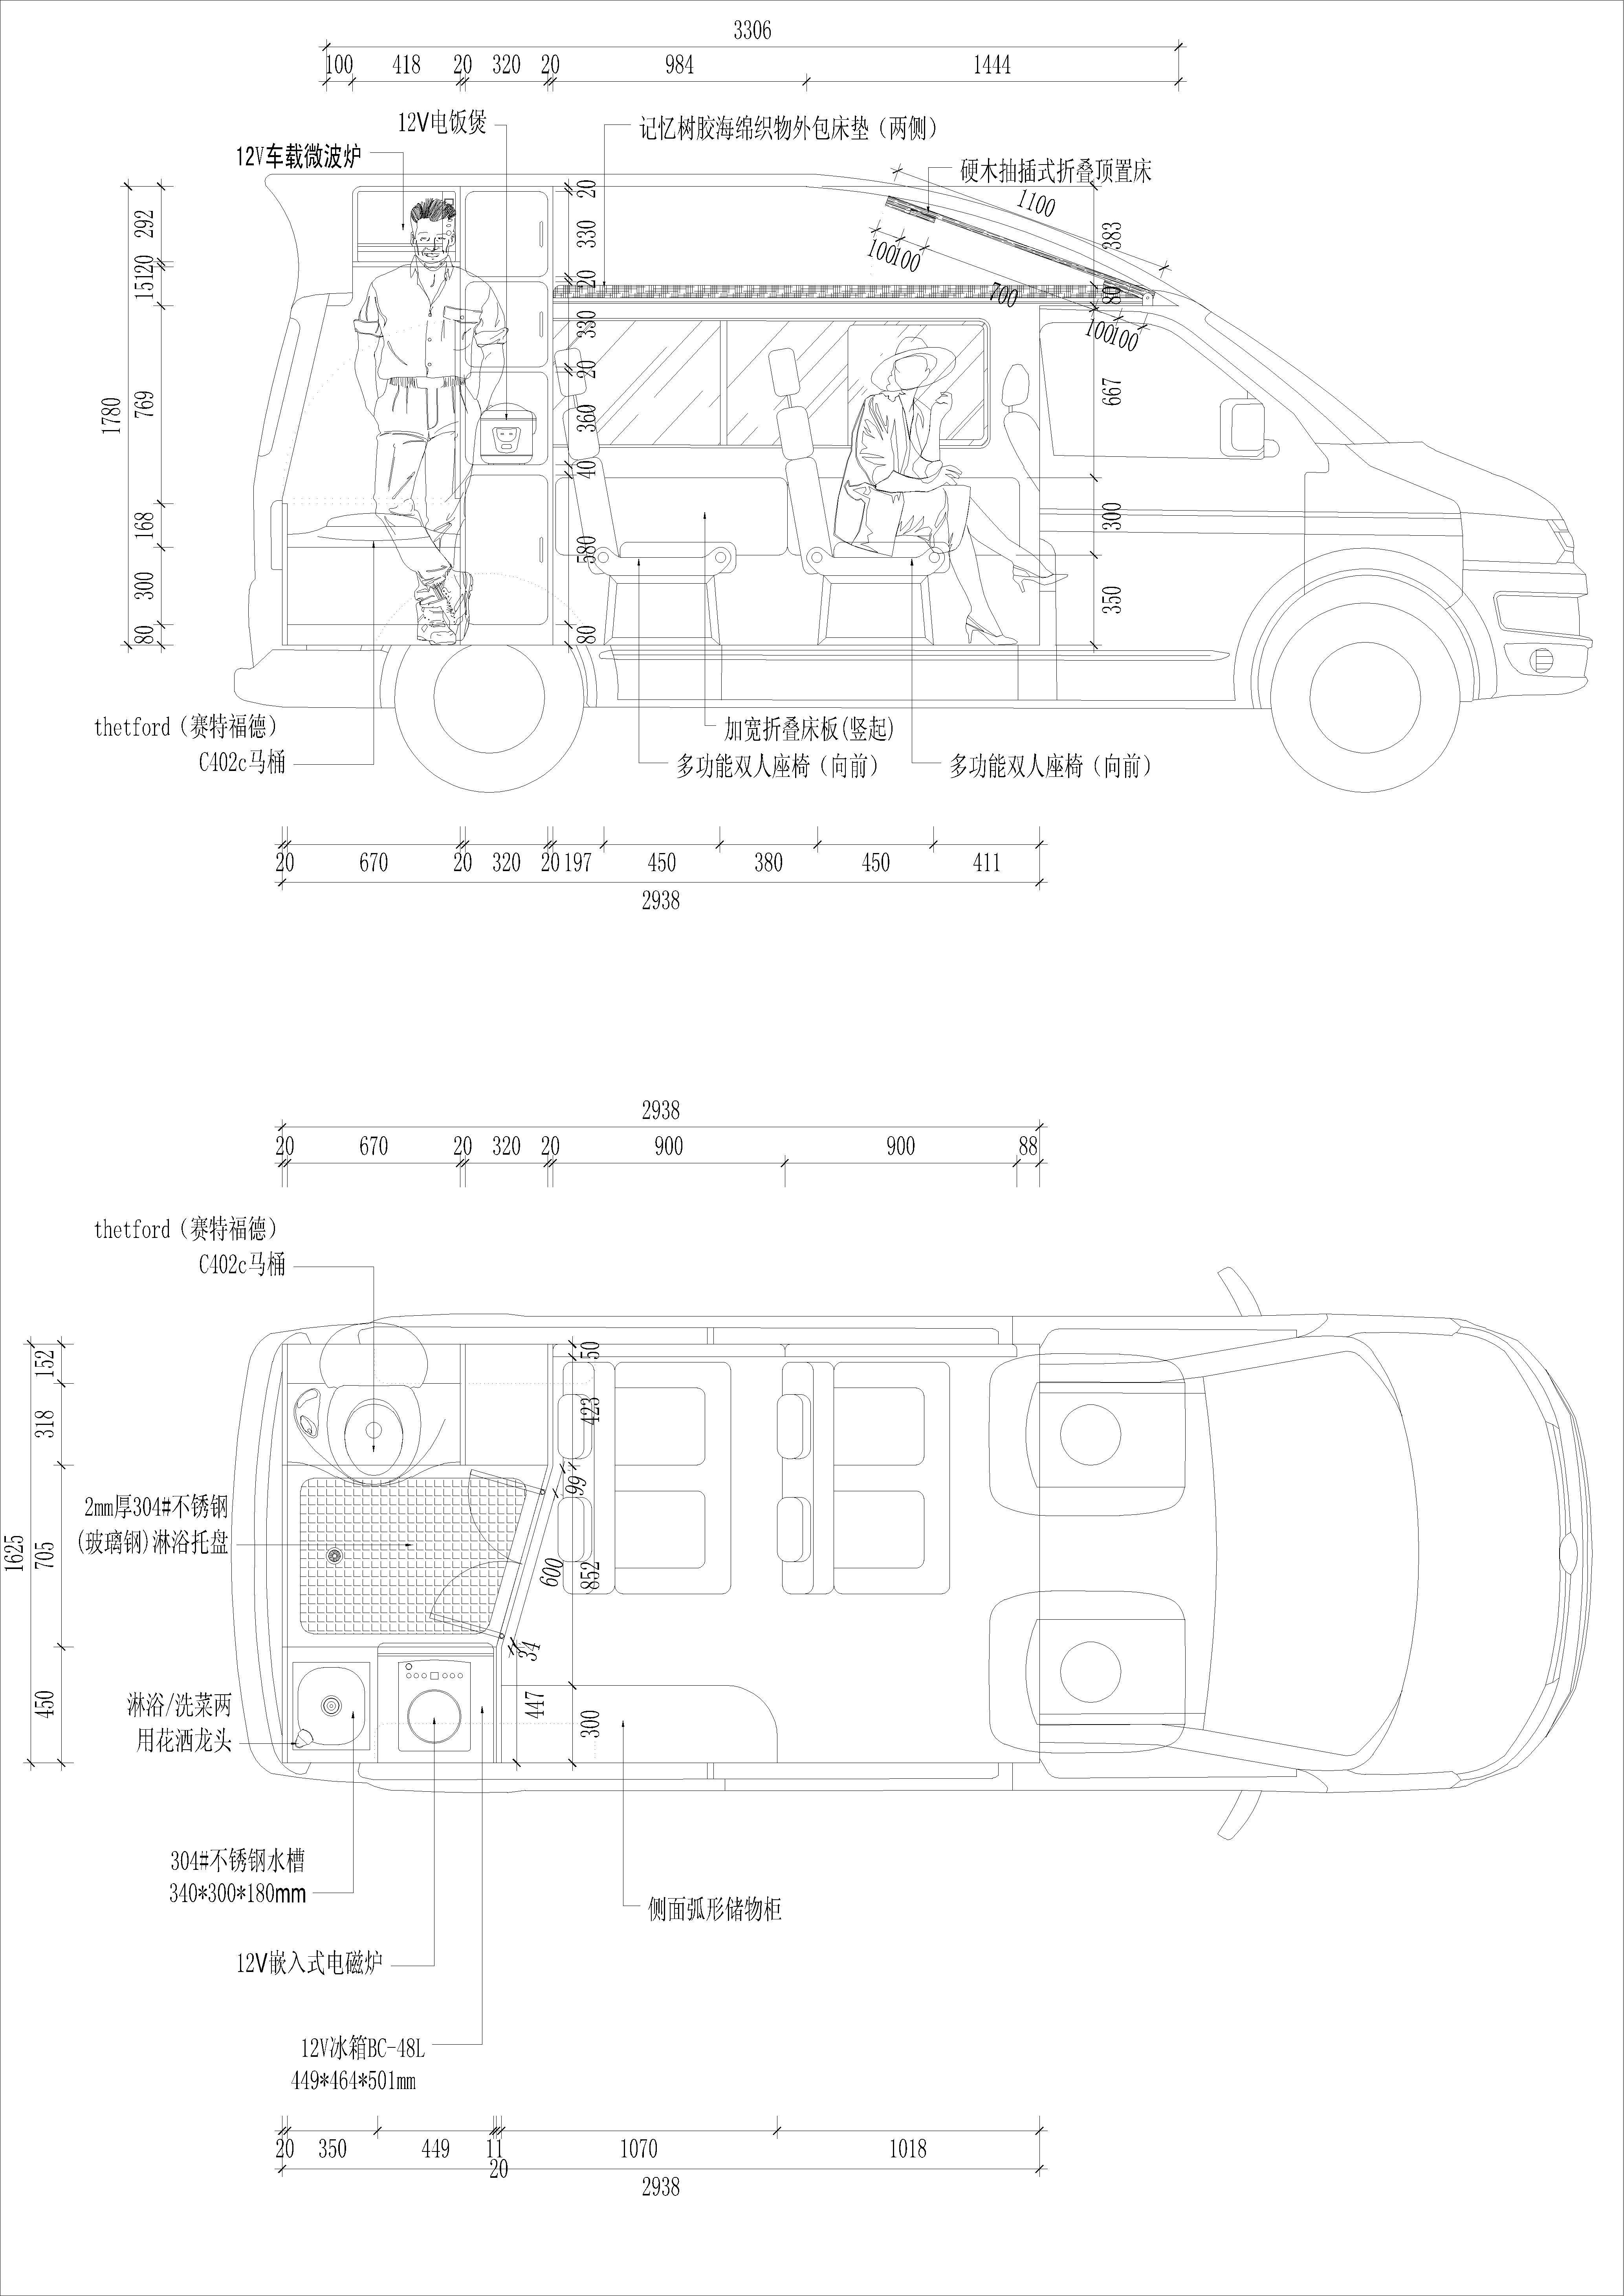 【【【大众t5l凯路威房车6座设计图】】】点四五设计